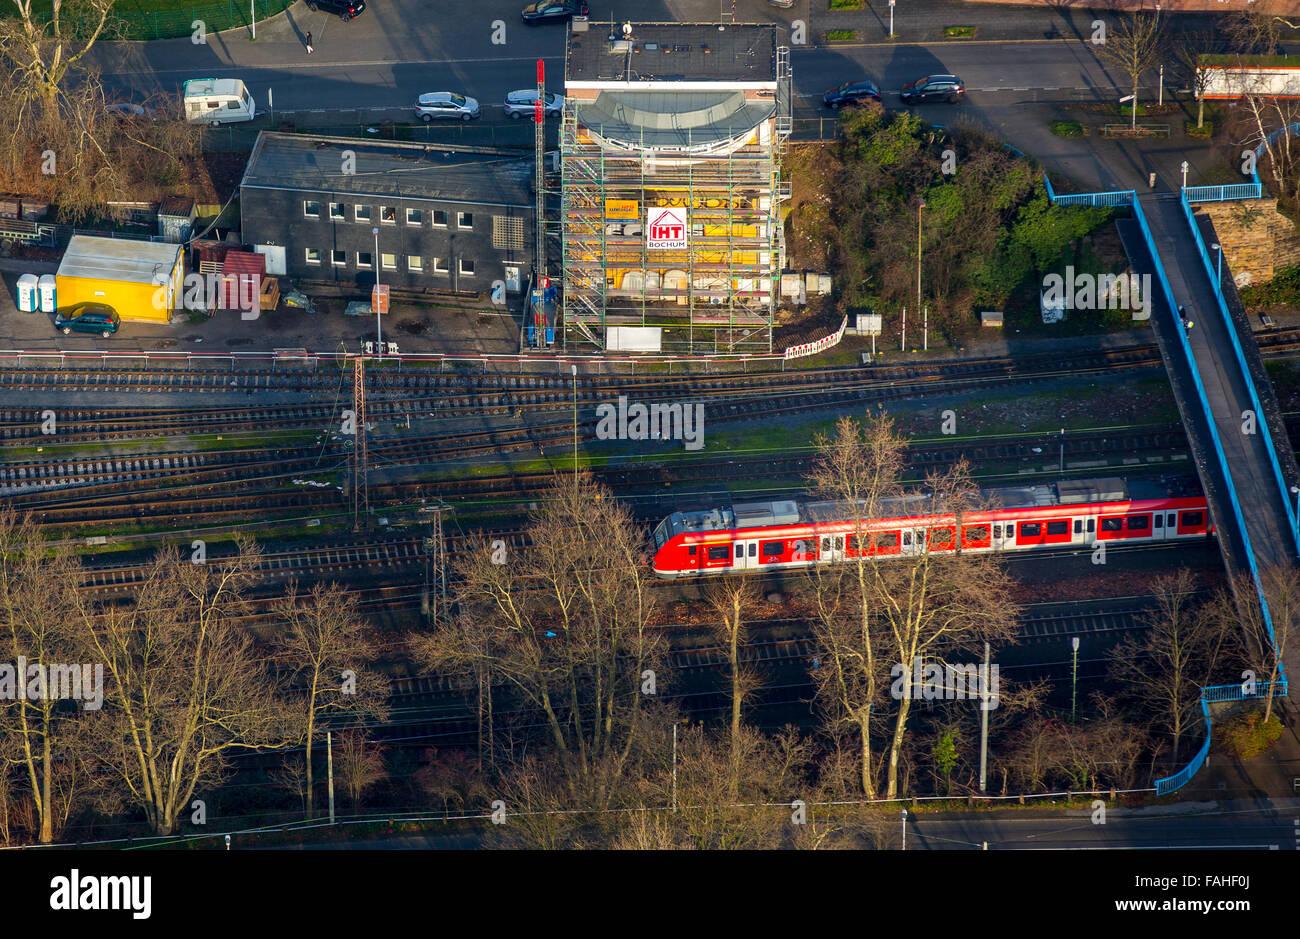 Luftaufnahme, Stellwerk baute Styrum nach einem Brand, Deutsche Bahn, Bahn Verzögerungen, Feuer Schaden, Eisenbahn, Stockbild